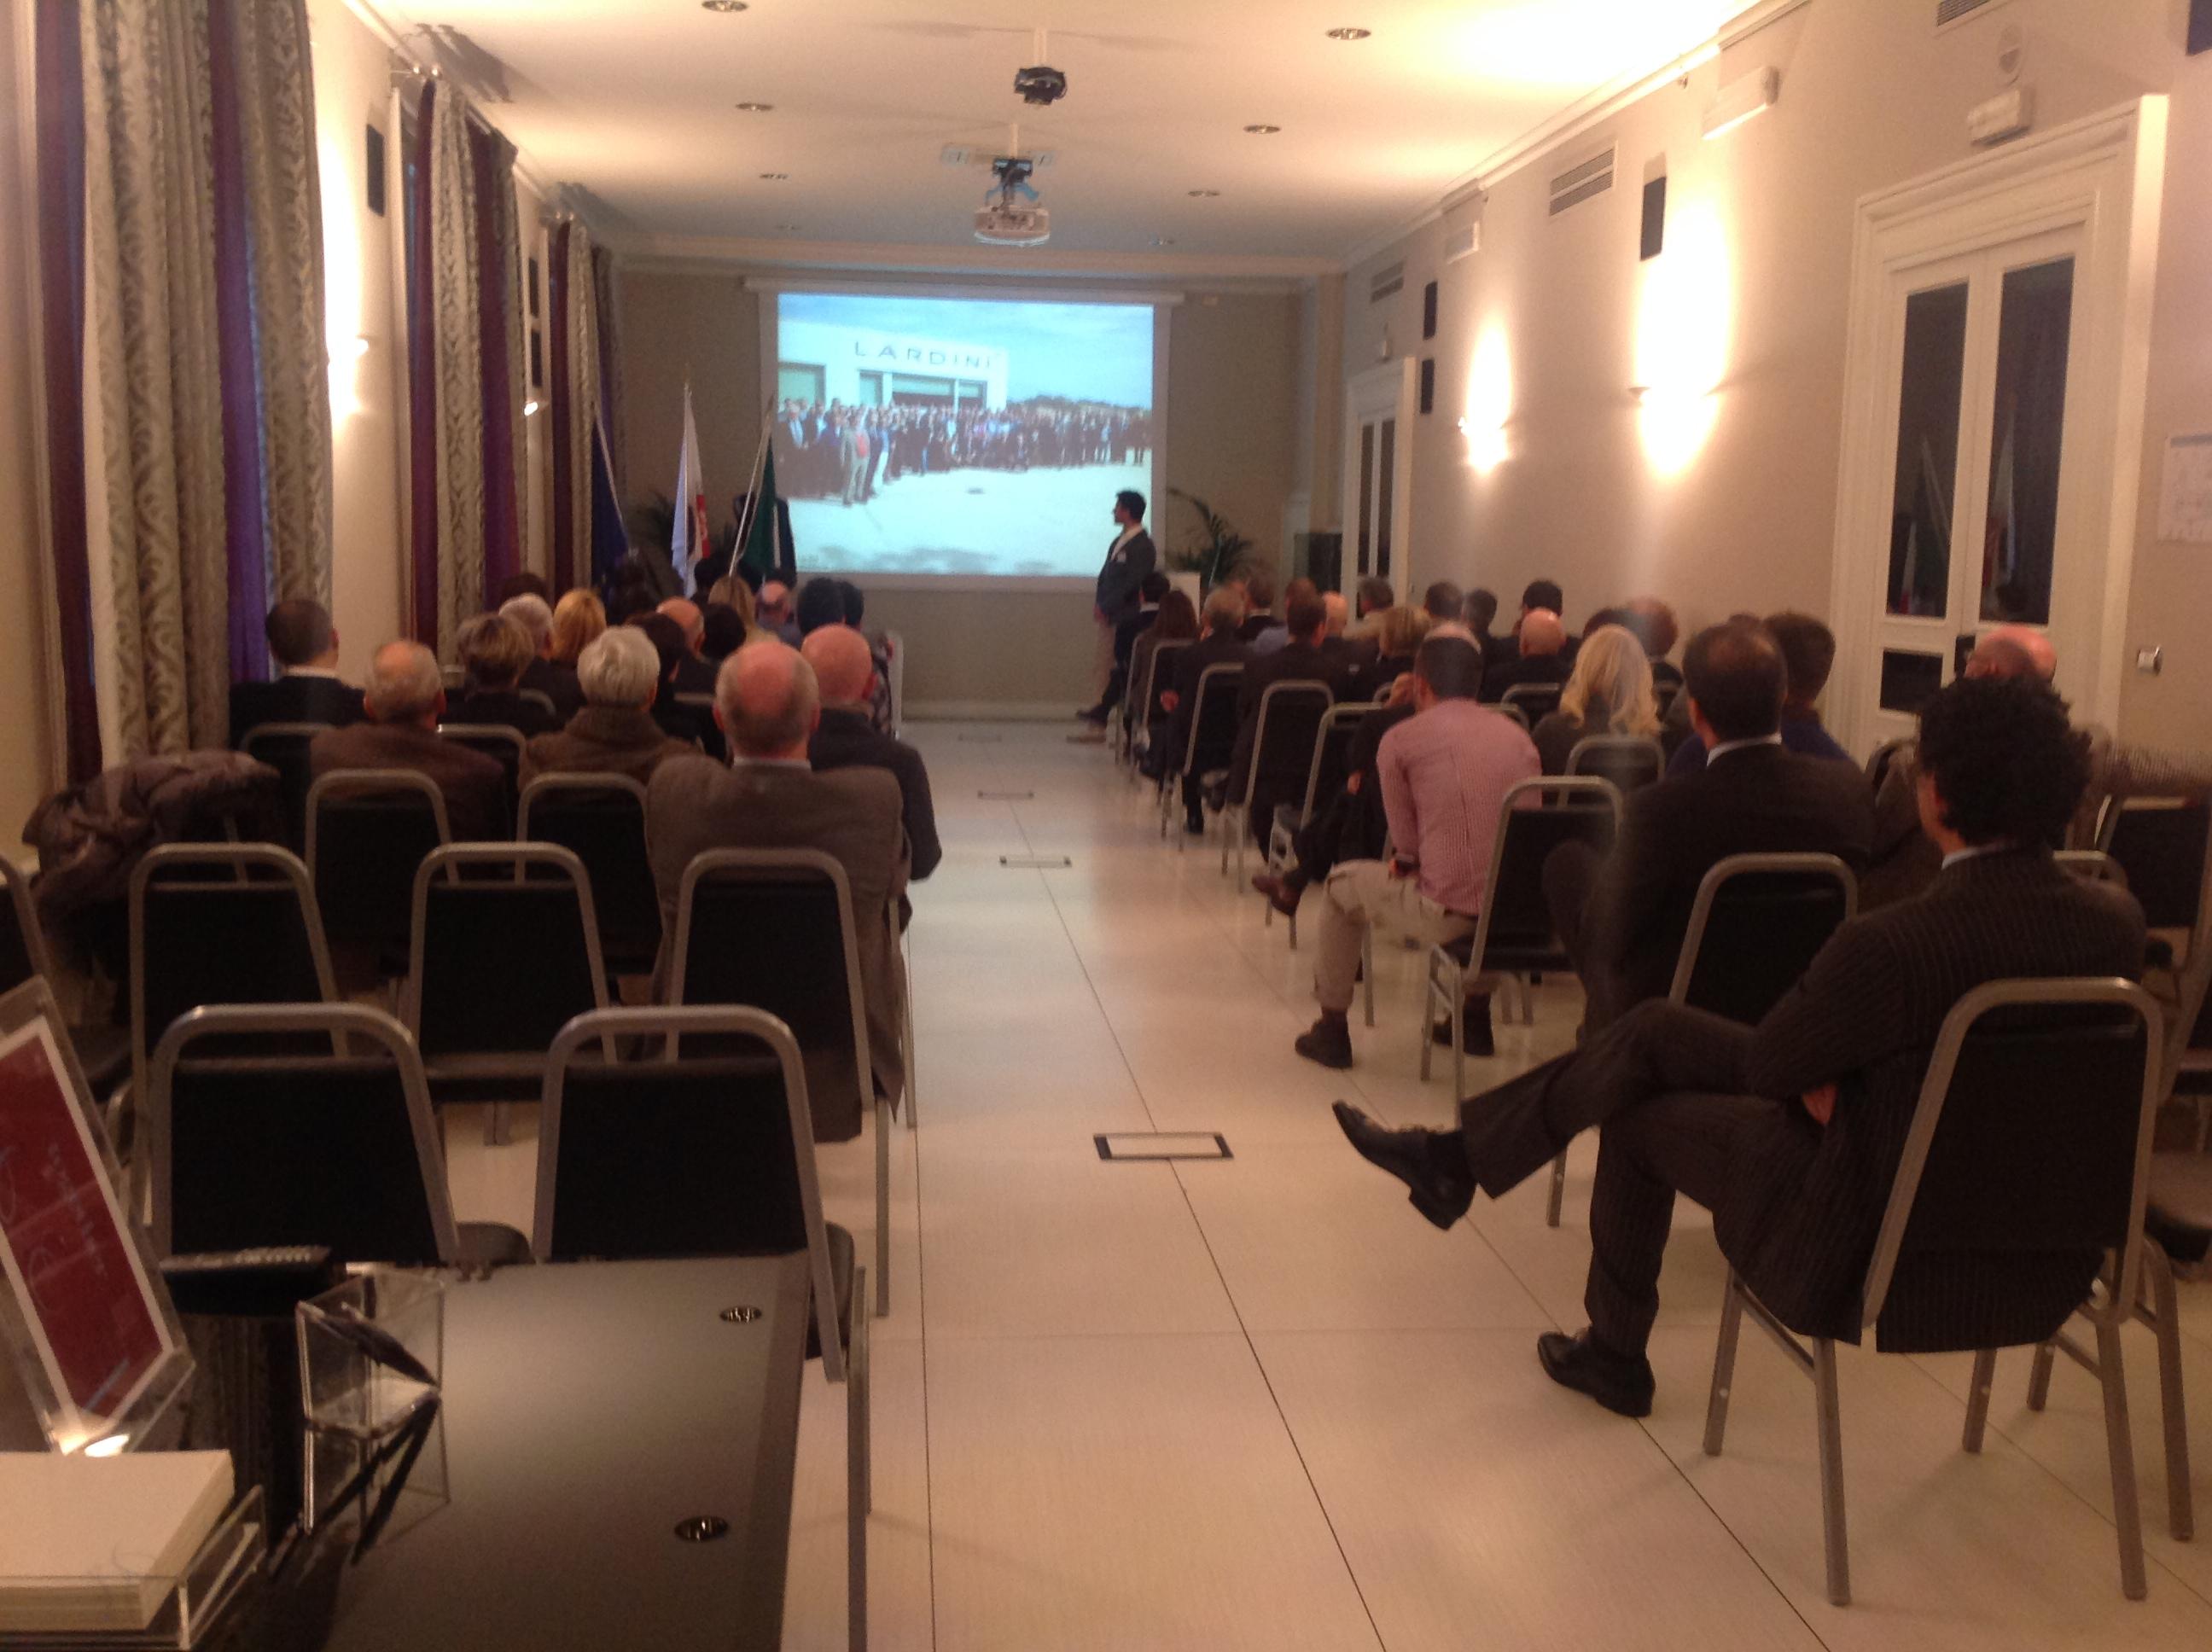 Festa di natale 2013 club iacde italia club iacde italia for Acqua salon boston